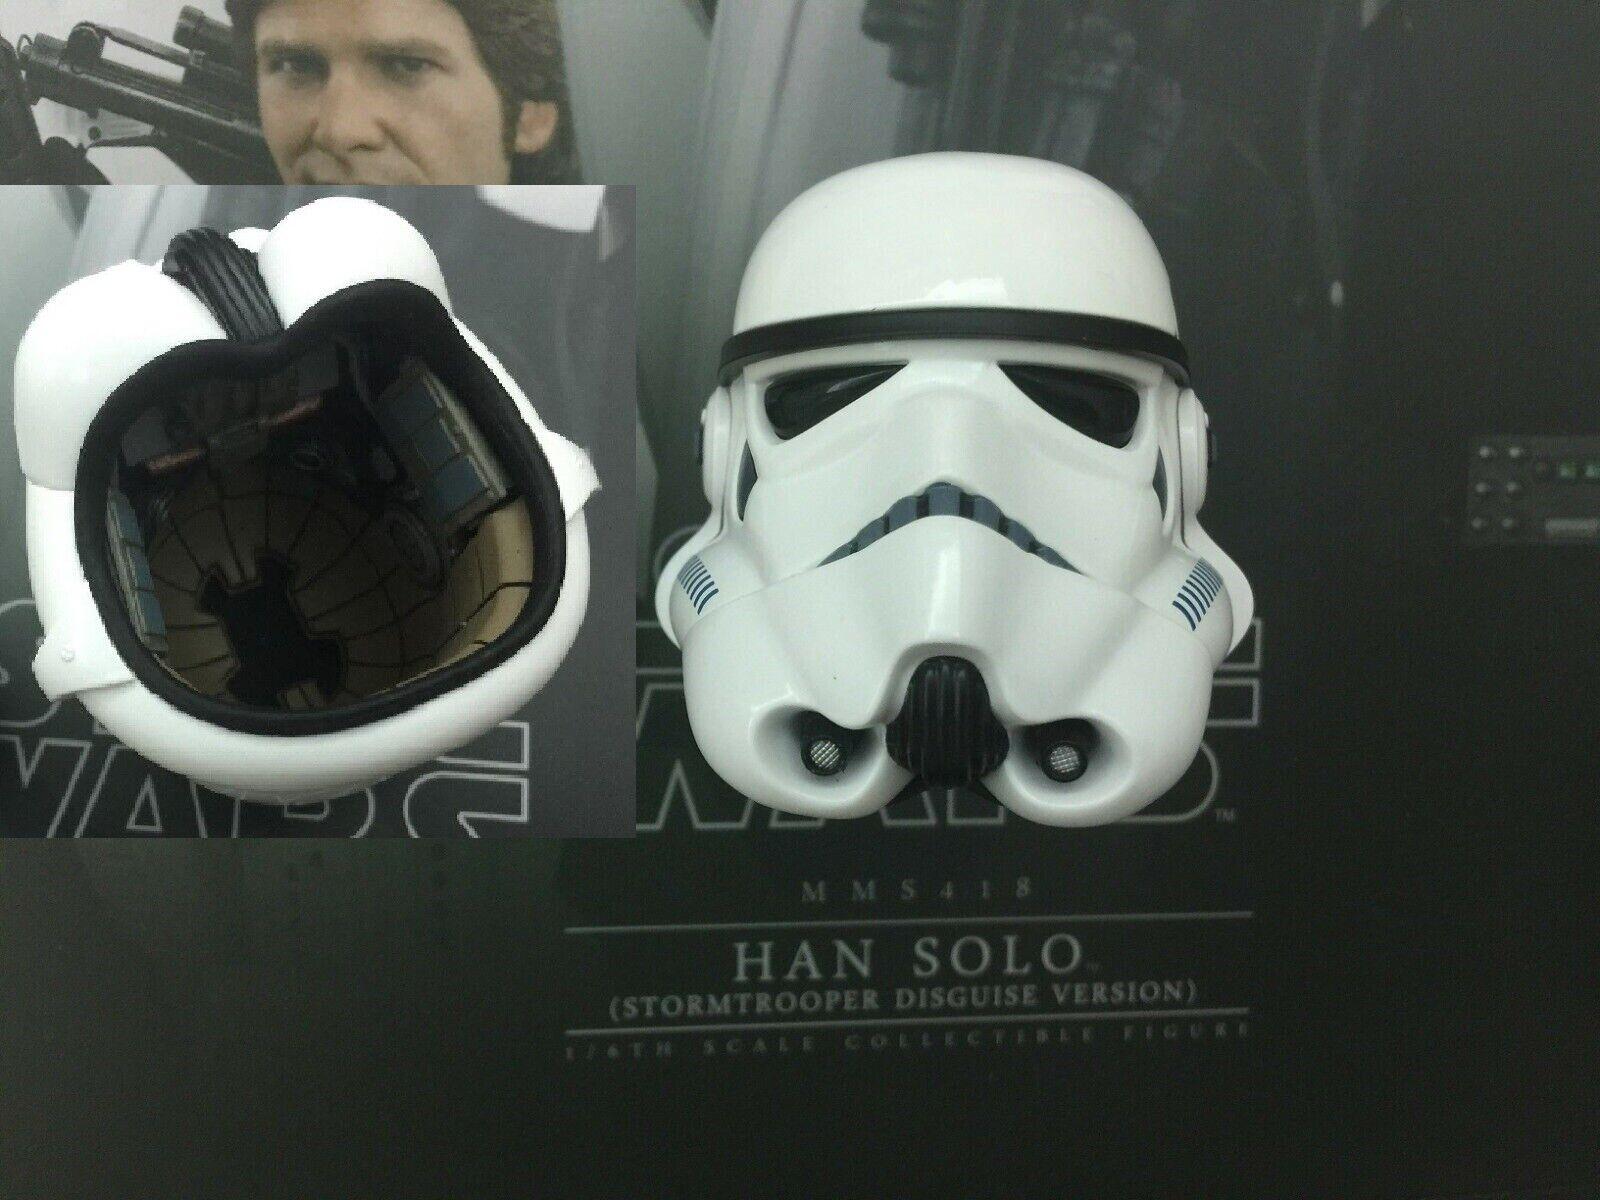 Hot juguetes Estrella wars han solo MMS418 Stormtrooper-casco escala 1 6th & Peg